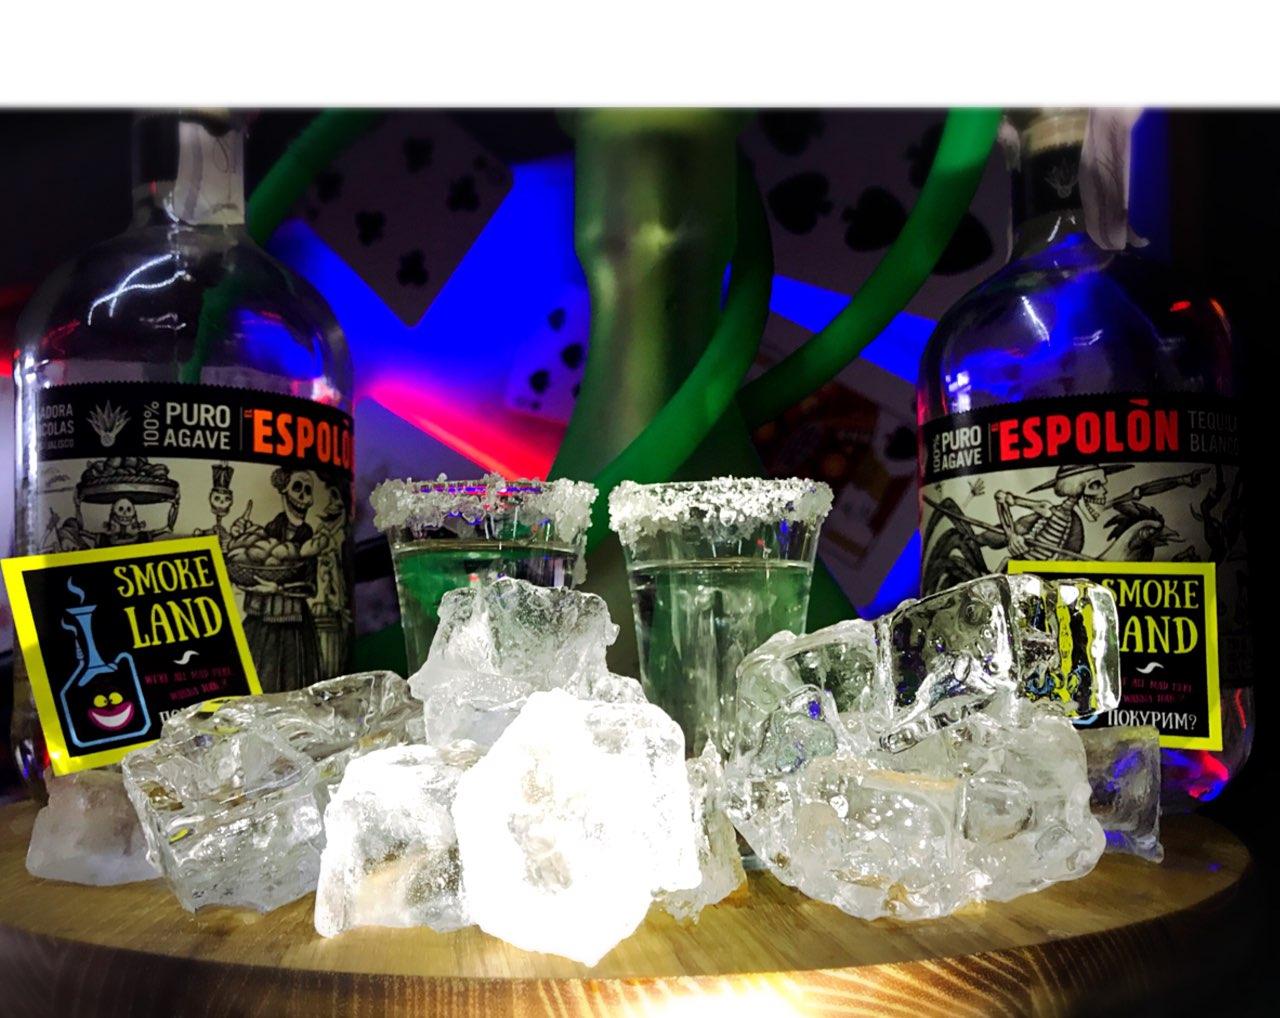 Кальян-бар киев, кальян-бар Smokeland, кальянная в центре киева,Меню кальян бара SMOKELAND,кальян бар киев,киев кальян,где покурить кальян киев, кальянные киева,кальян саксаганского ( (17)